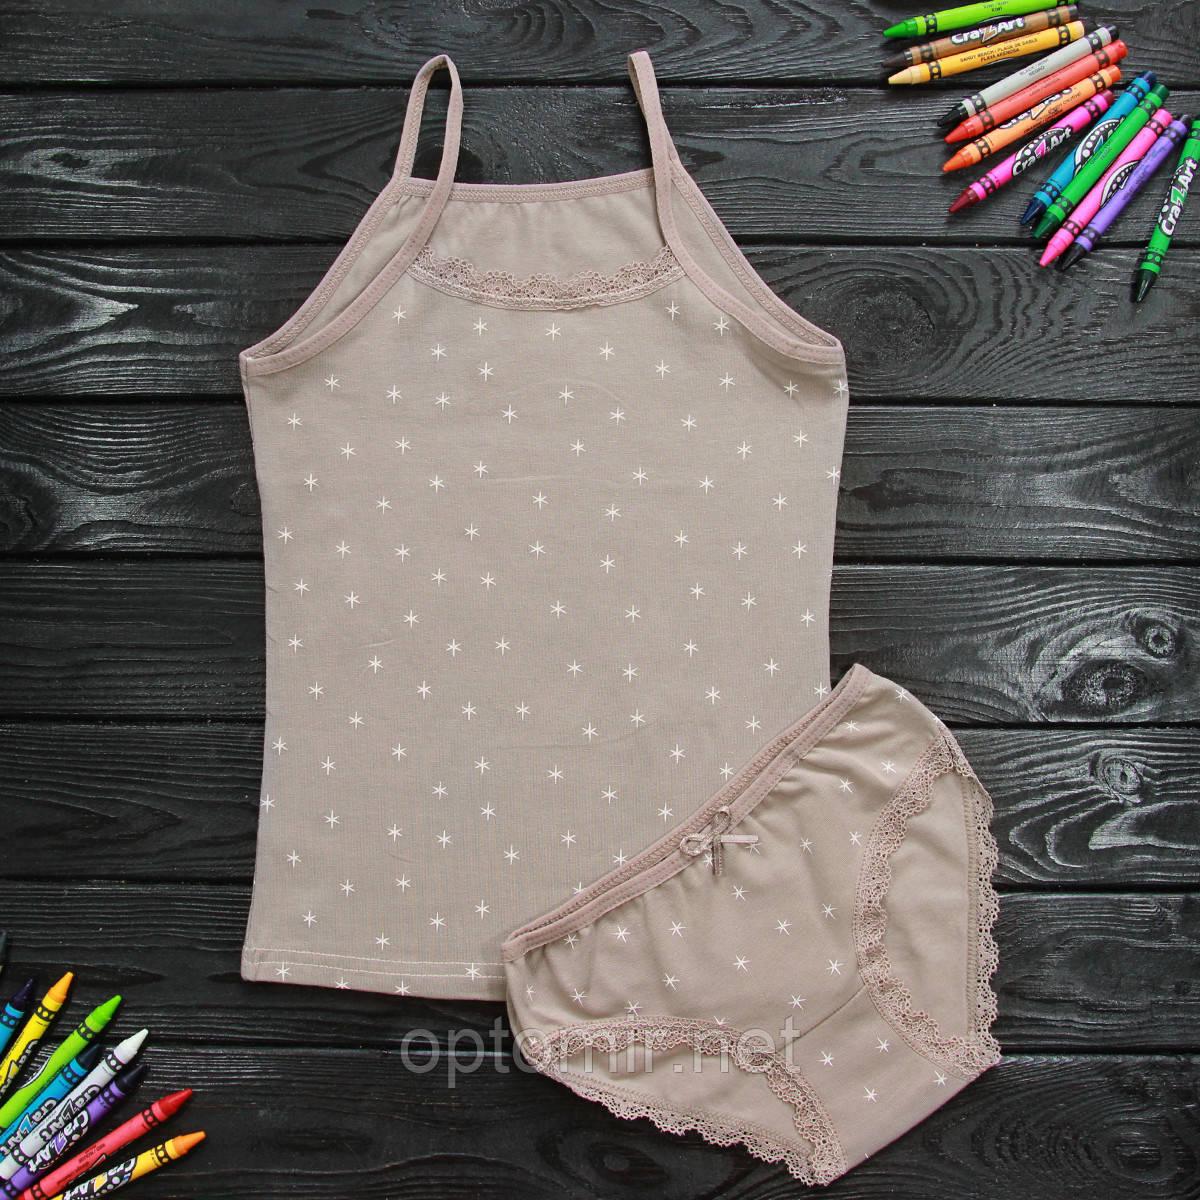 Комплект детский Donella с звездами коричневый для девочки на 8/9 лет| 1шт.